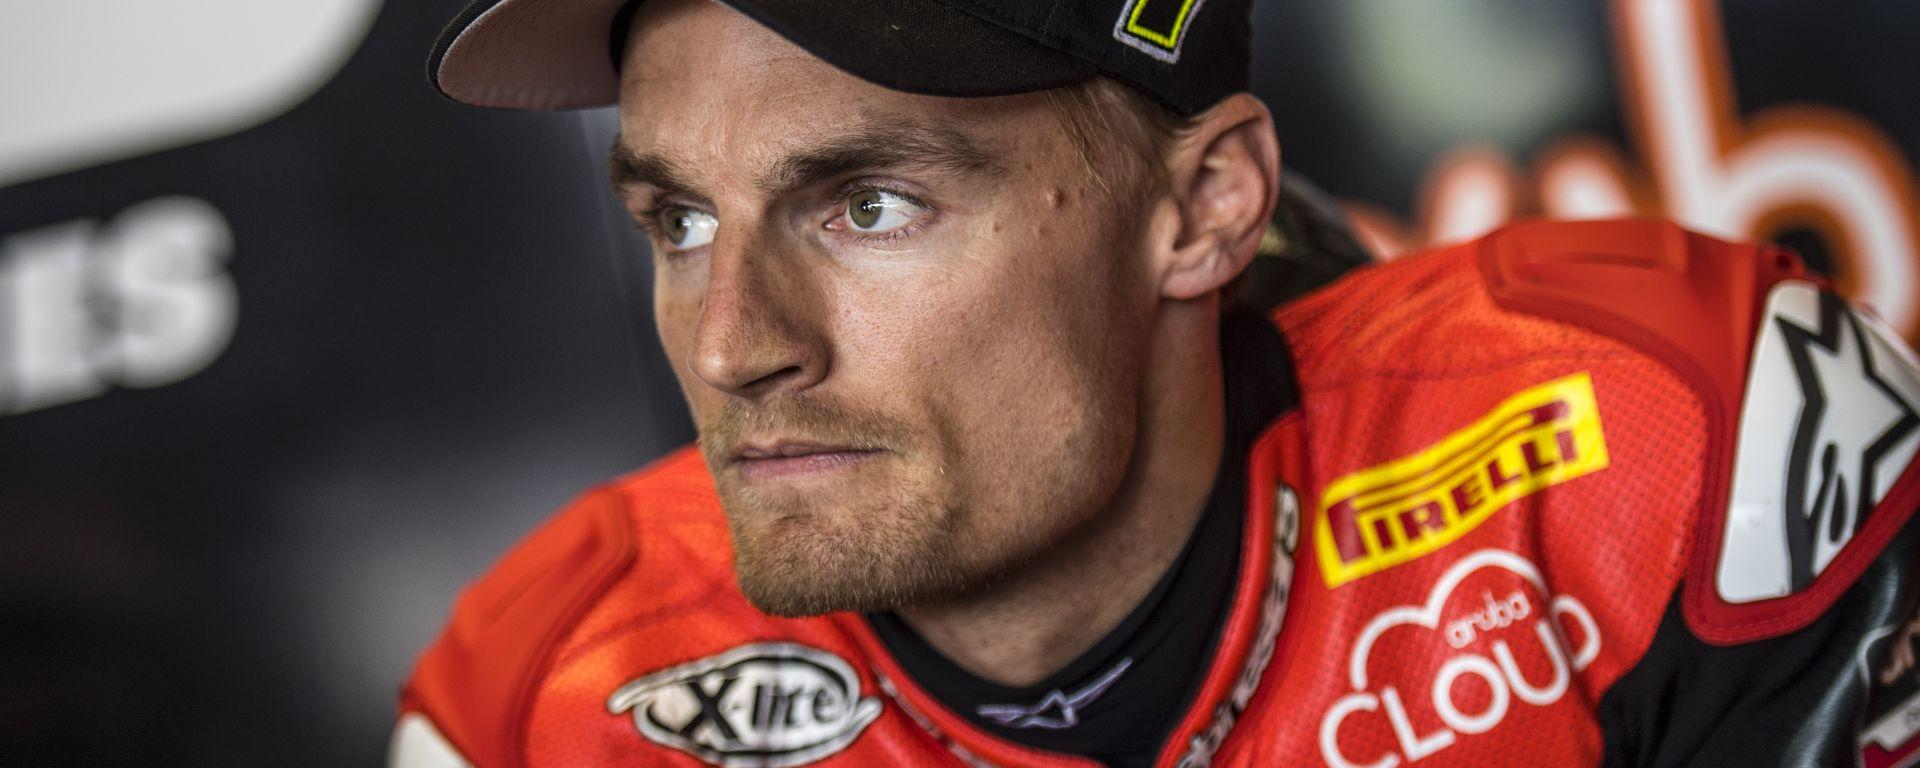 Superbike 2016: Chaz Davies soddisfatto dei test di Misano